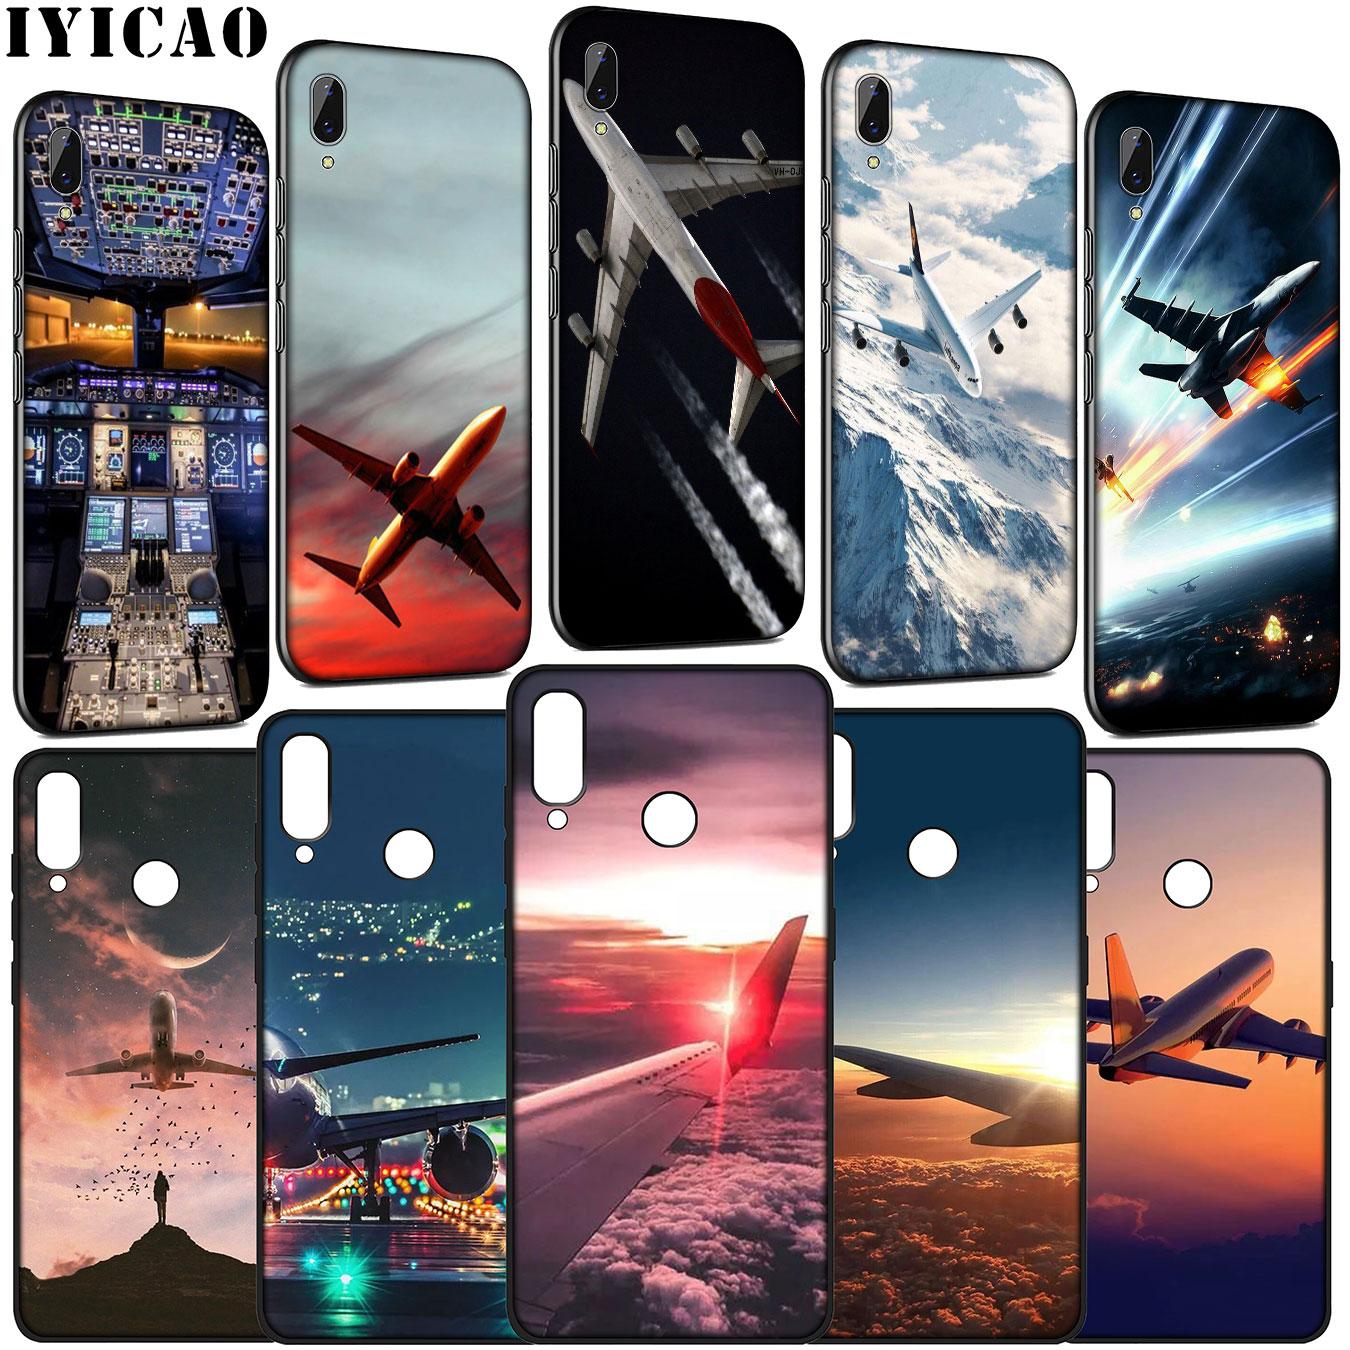 Funda blanda IYICAO para avión, avión para Huawei Y9 Y7 Y6 Prime 2019 Honor 20 10 9x 8C 8X 8 Lite 7C 7X 7A Pro